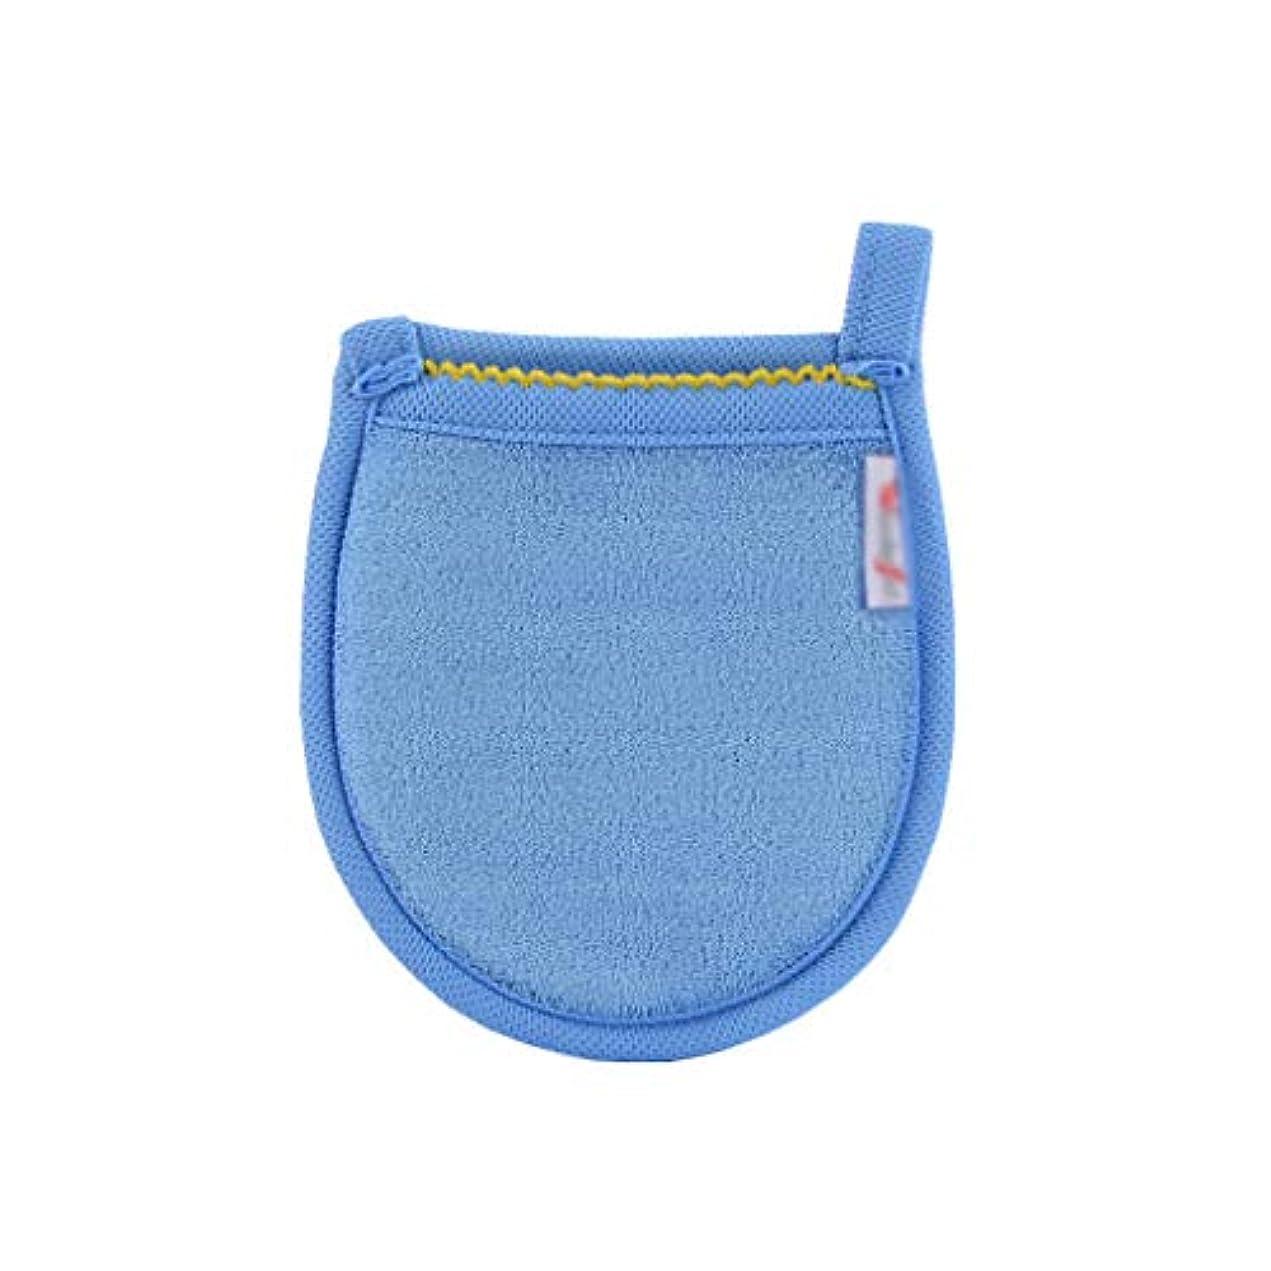 ピカソ汚染するより多い化粧パッド 再利用可能なマイクロファイバーフェイシャルクロスフェイスタオルメイク落としグローブツール美容フェイスケアタオル5色 メイク落とし化粧パッド (Color : Blue)